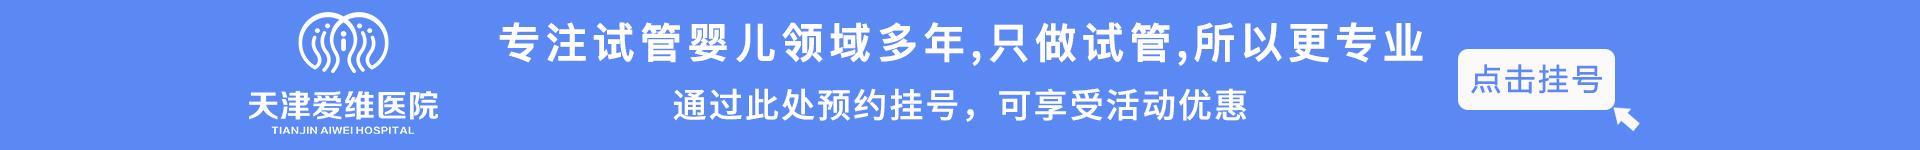 天津爱维试管婴儿医院